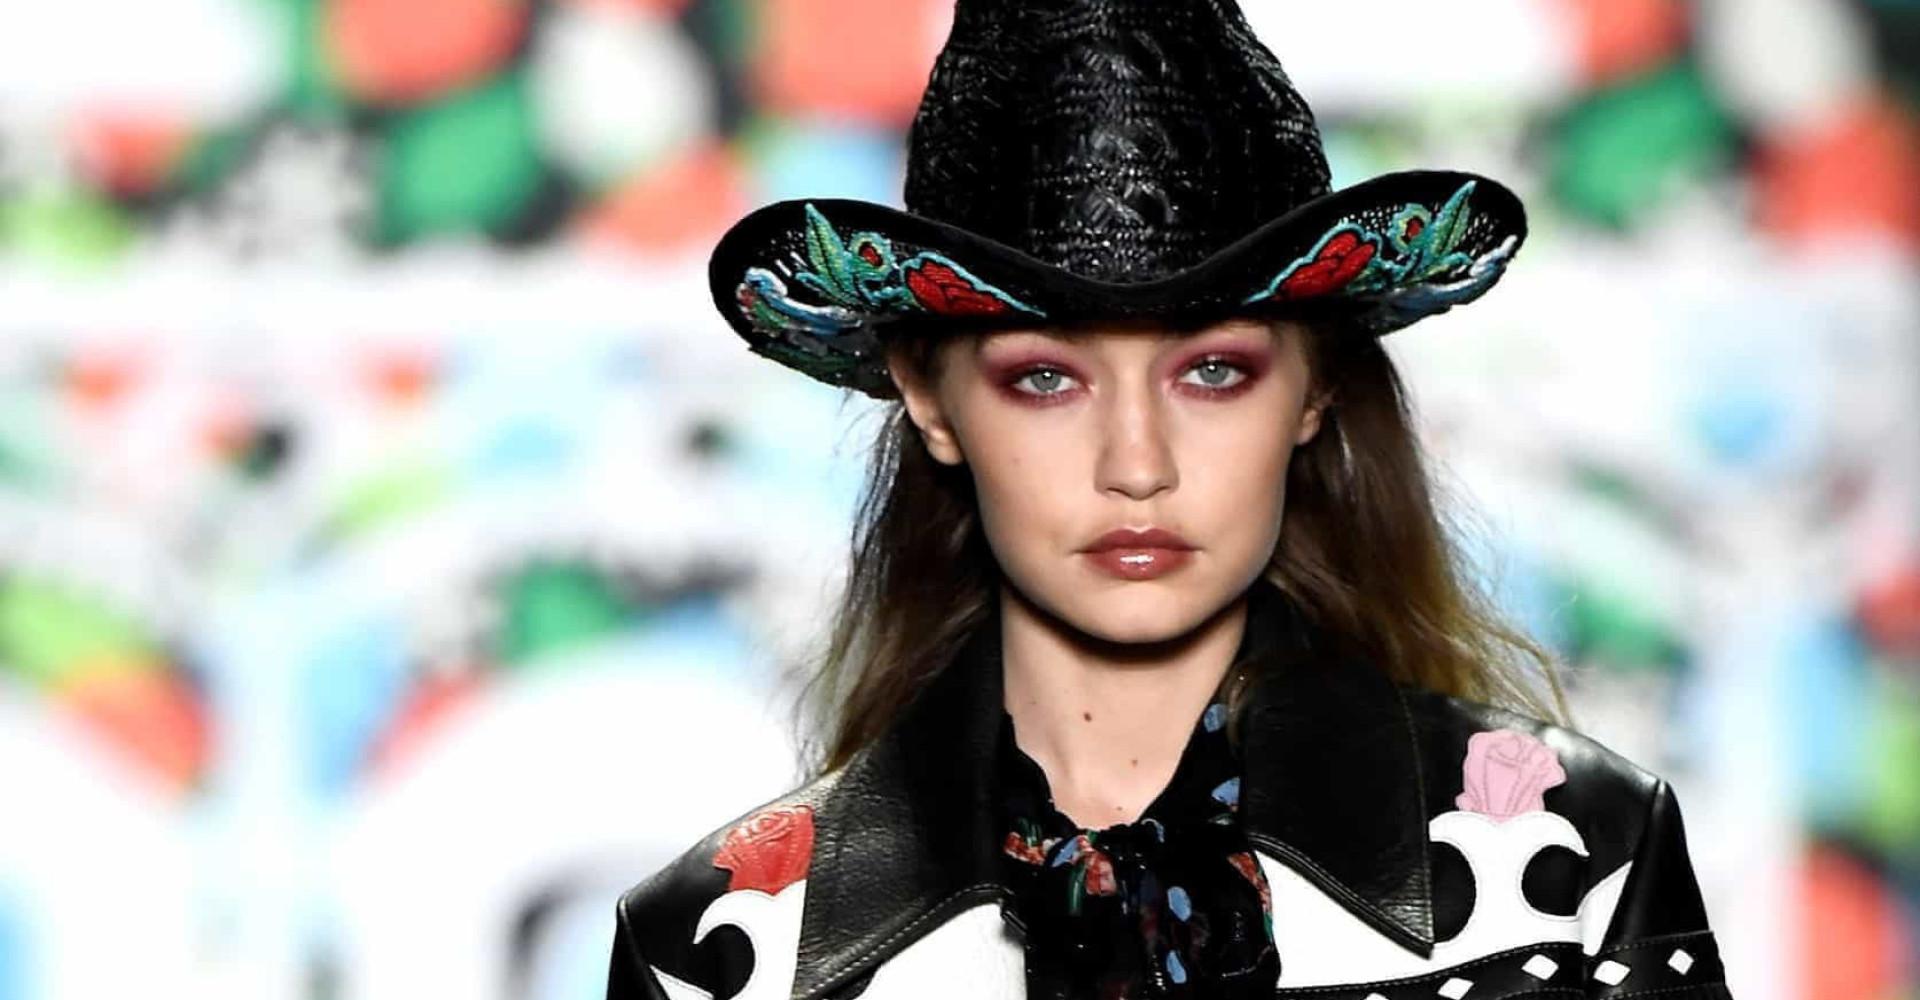 Villi länsi: cooleimmat julkkisten cowboyasut